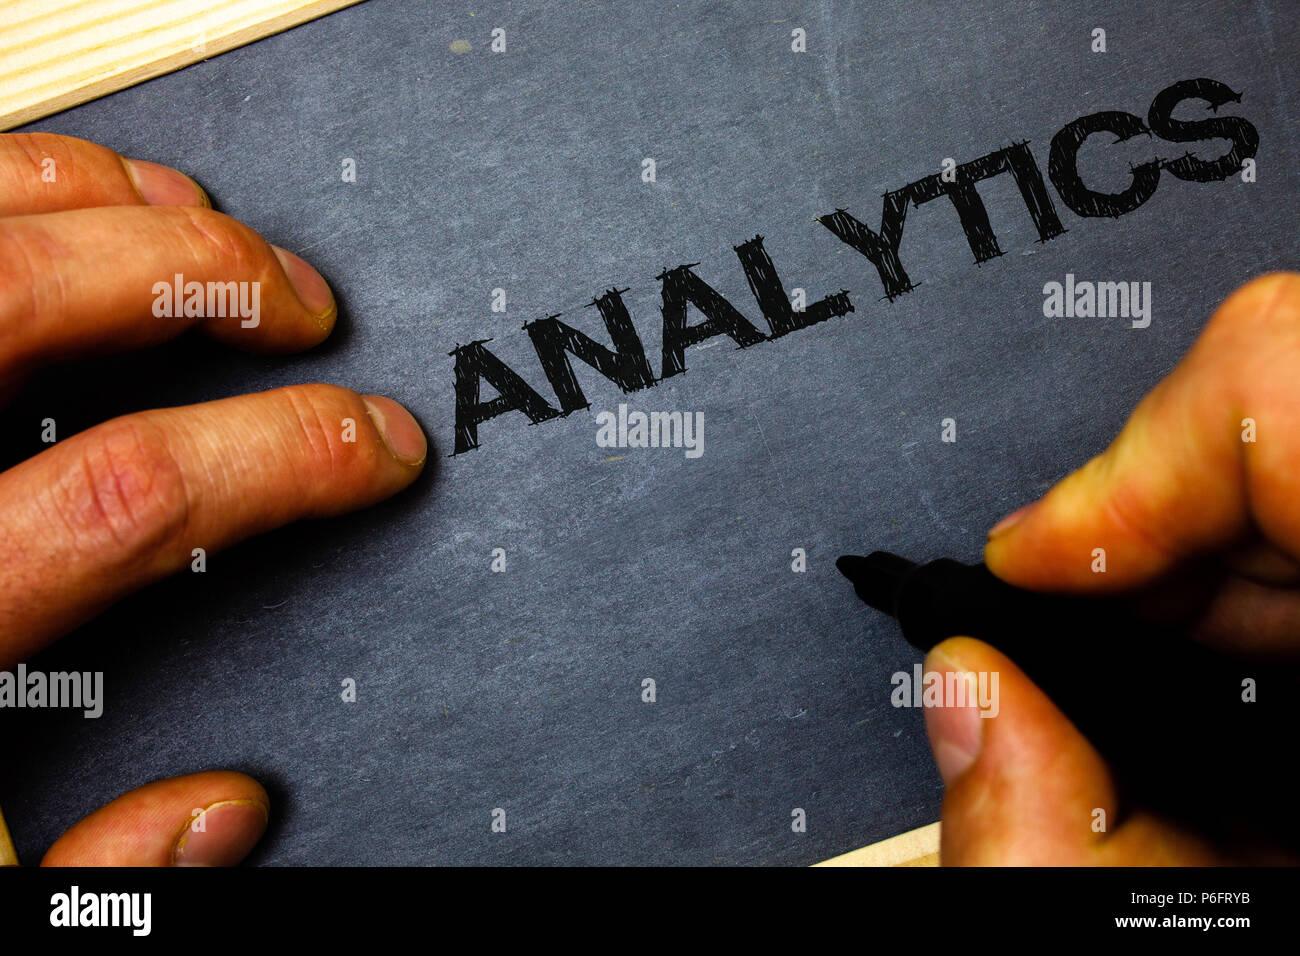 L'écriture de texte analyse de texte. Concept d'affaires pour l'analyse des données statistiques Tableau de bord Information financière Rapport de l'homme tenir holding marker marqueur noir Photo Stock